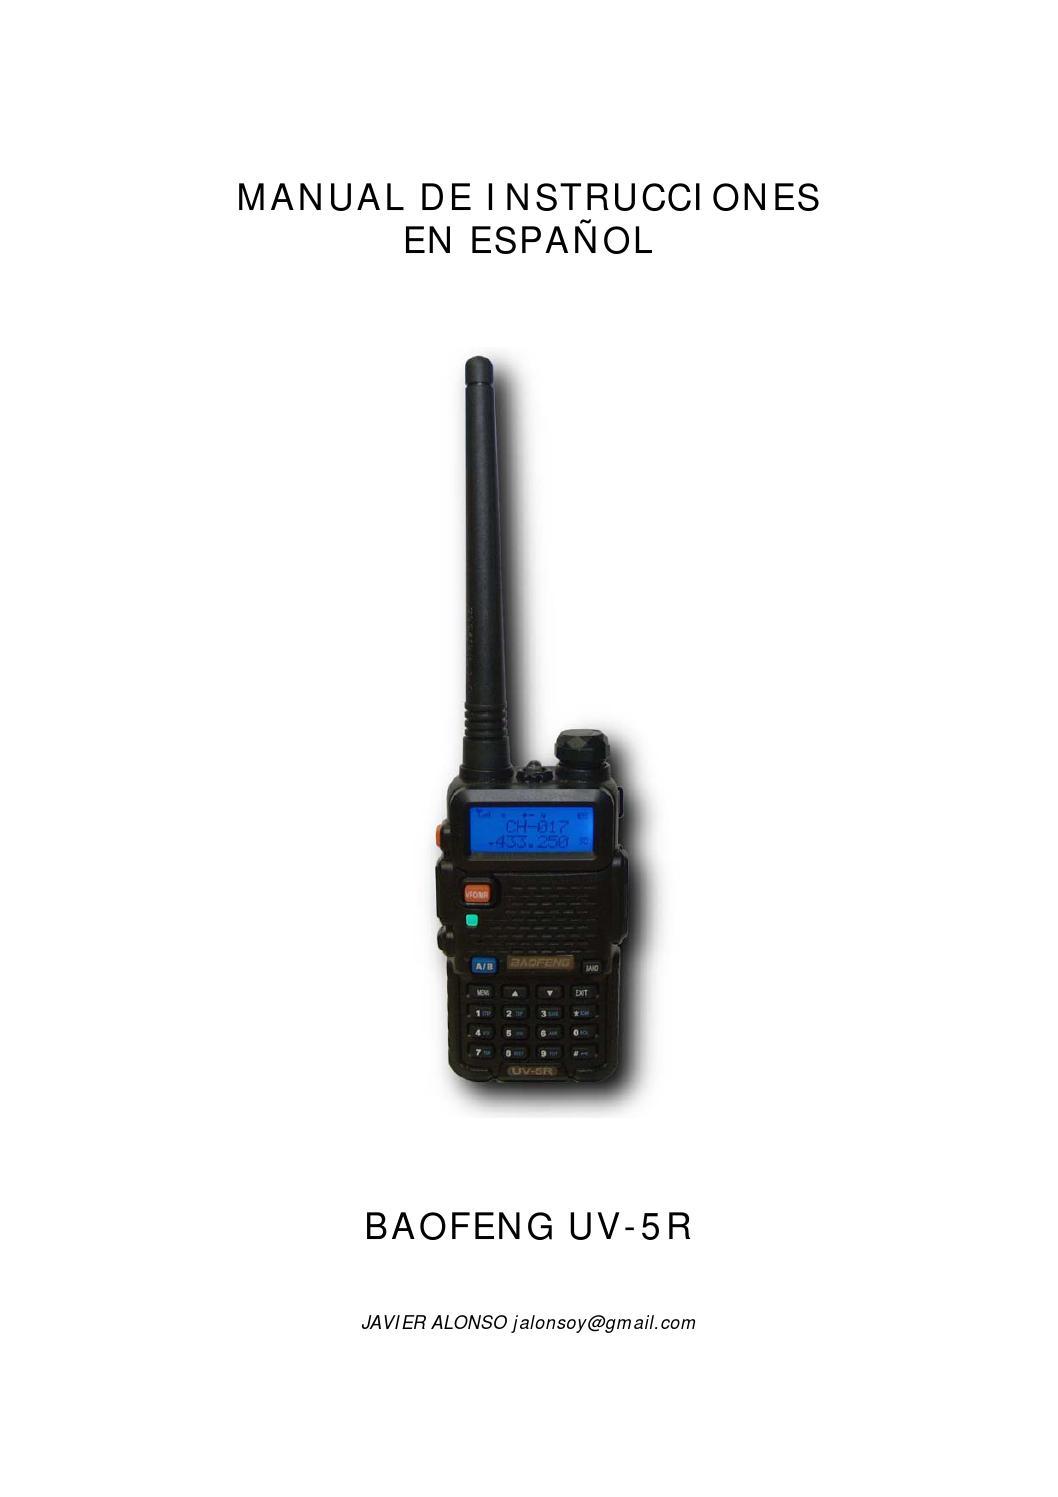 Manual de instrucciones de BAOFENG uv-5r en ESPAÑOL